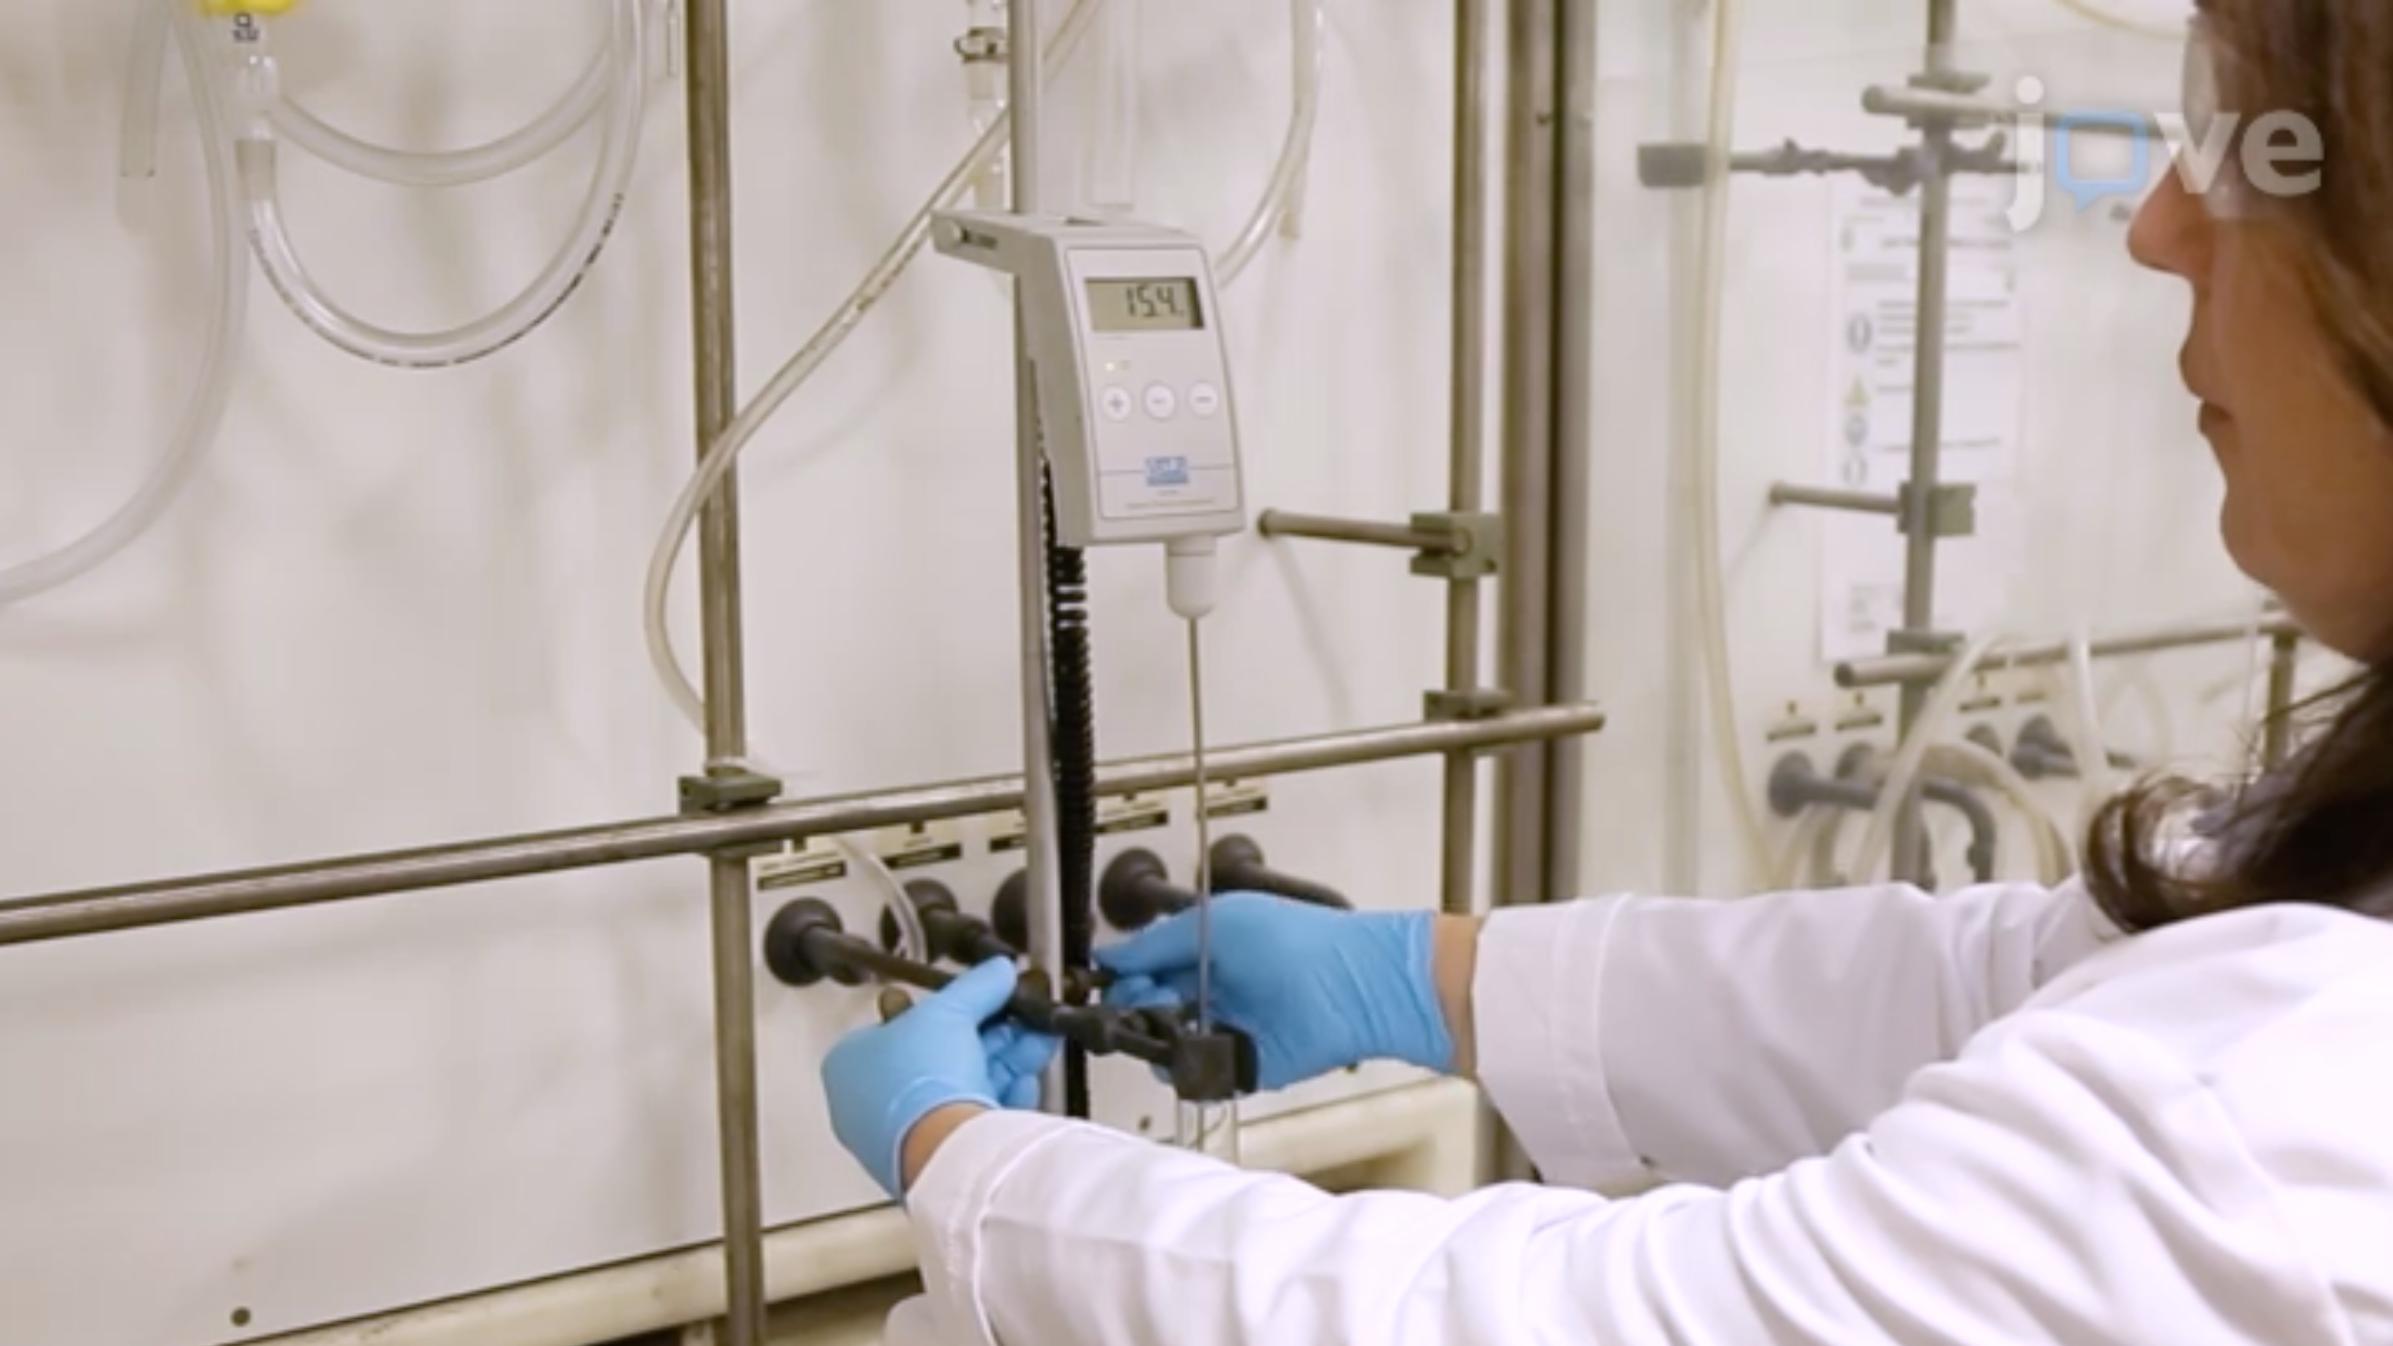 من جزيئات المواد: هندسة البلورات السائلة الأيونية الجديدة من خلال الربط هالوجين